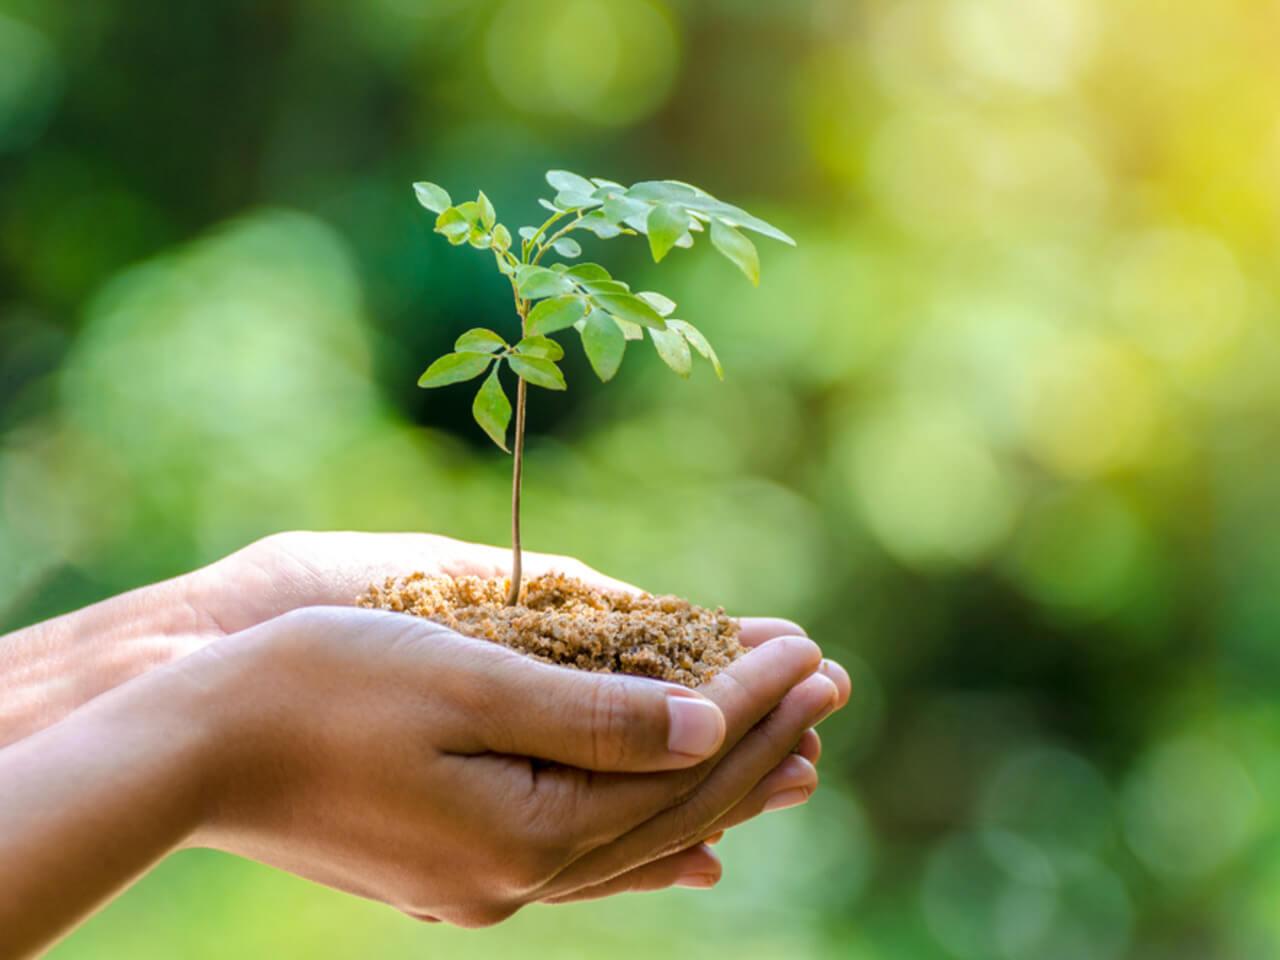 Den země: Ve Fit-day nám na přírodě záleží